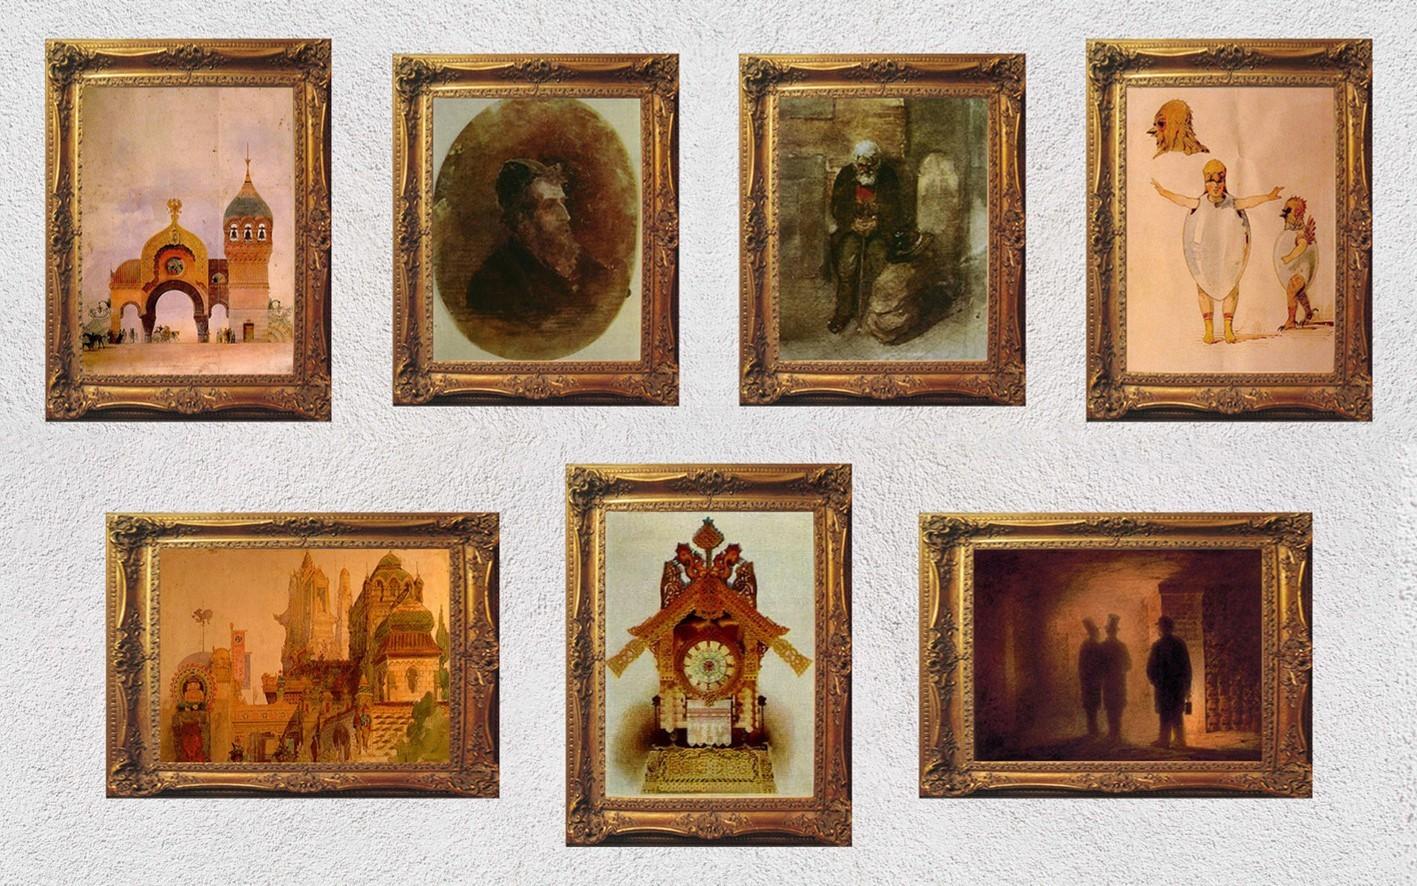 Характеристика картинки с выставки